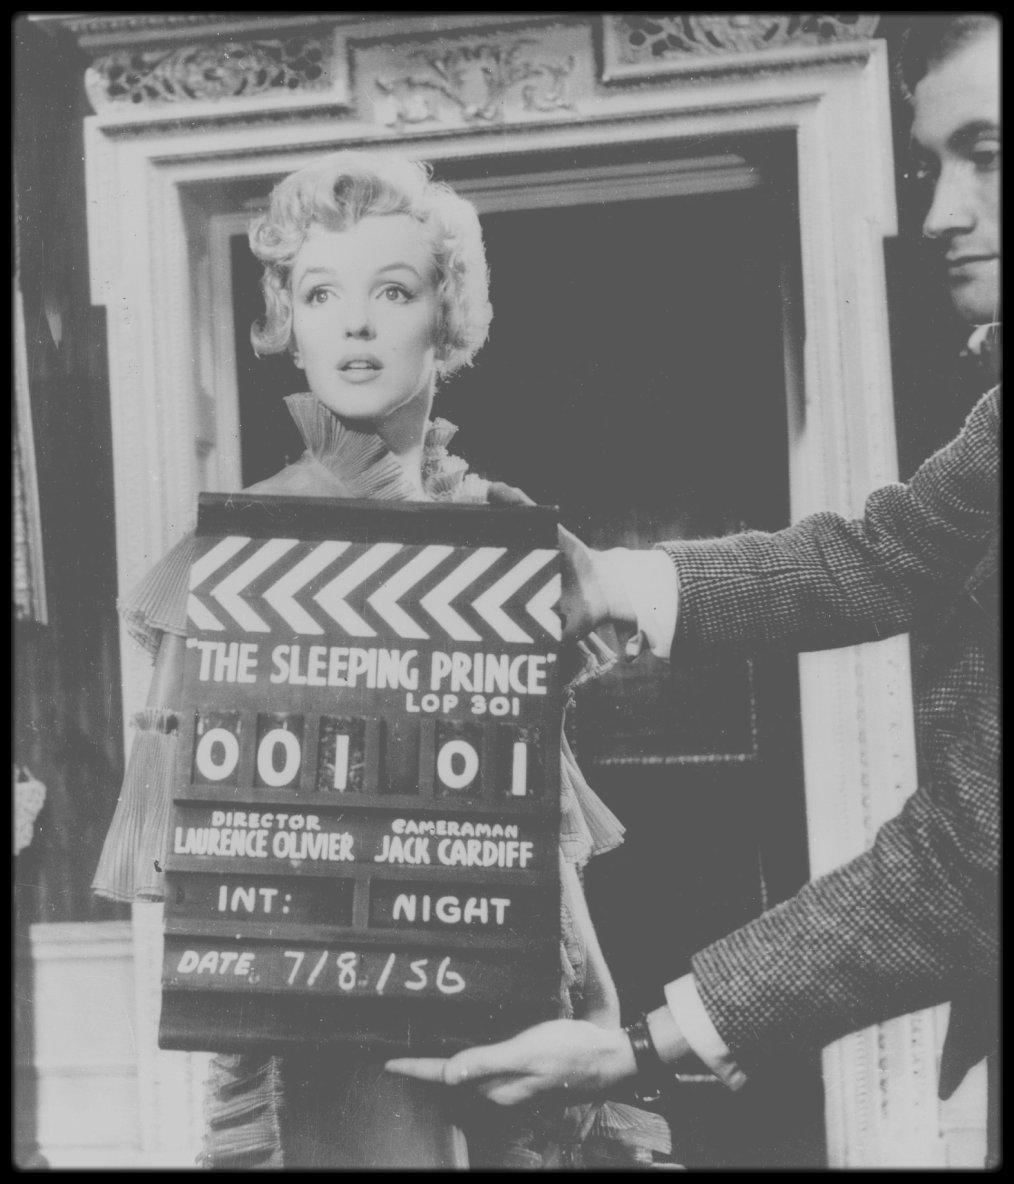 """1956 / Marilyn lors du tournage du film """"The Prince and the showgirl"""" (Le tournage débuta le 7 Août 1956). Dans ce film de « fabrication » britannique, le premier (et le dernier) des """"Marilyn MONROE Productions"""", il y eut des hauts et des bas, à l'écran comme sur le tournage. Laurence OLIVIER et sa femme Vivien LEIGH, avaient été les vedettes de la version originale, une pièce de Terence RATTIGAN intitulée « The sleeping Prince » (1953), dont l'associé de Marilyn, Milton GREENE, avait acquis les droits. En février 1956, Laurence OLIVIER, Vivien LEIGH et Terence RATTIGAN se rendirent à New York avec l'agent de Laurence OLIVIER, Cecil TENNANT, pour discuter des termes du projet. Marilyn envisageait d'acquérir les droits de cette oeuvre depuis 1954, sur la suggestion de son agent de l'époque, Hugh FRENCH. Laurence OLIVIER n'accepta de reprendre le rôle qu'il avait déjà tenu sur scène qu'à la condition qu'il réalisât lui-même le film et en soit le co-producteur. Le 9 février 1956, on organisa une conférence de presse à la """"Terrace room"""" du """"Plaza Hotel"""" (voir article sur le blog) pour annoncer au monde entier ce grand mariage cinématographique - celui du meilleur acteur classique d'Angleterre et de la plus grande séductrice d'Hollywood. (Photos Milton GREENE)."""